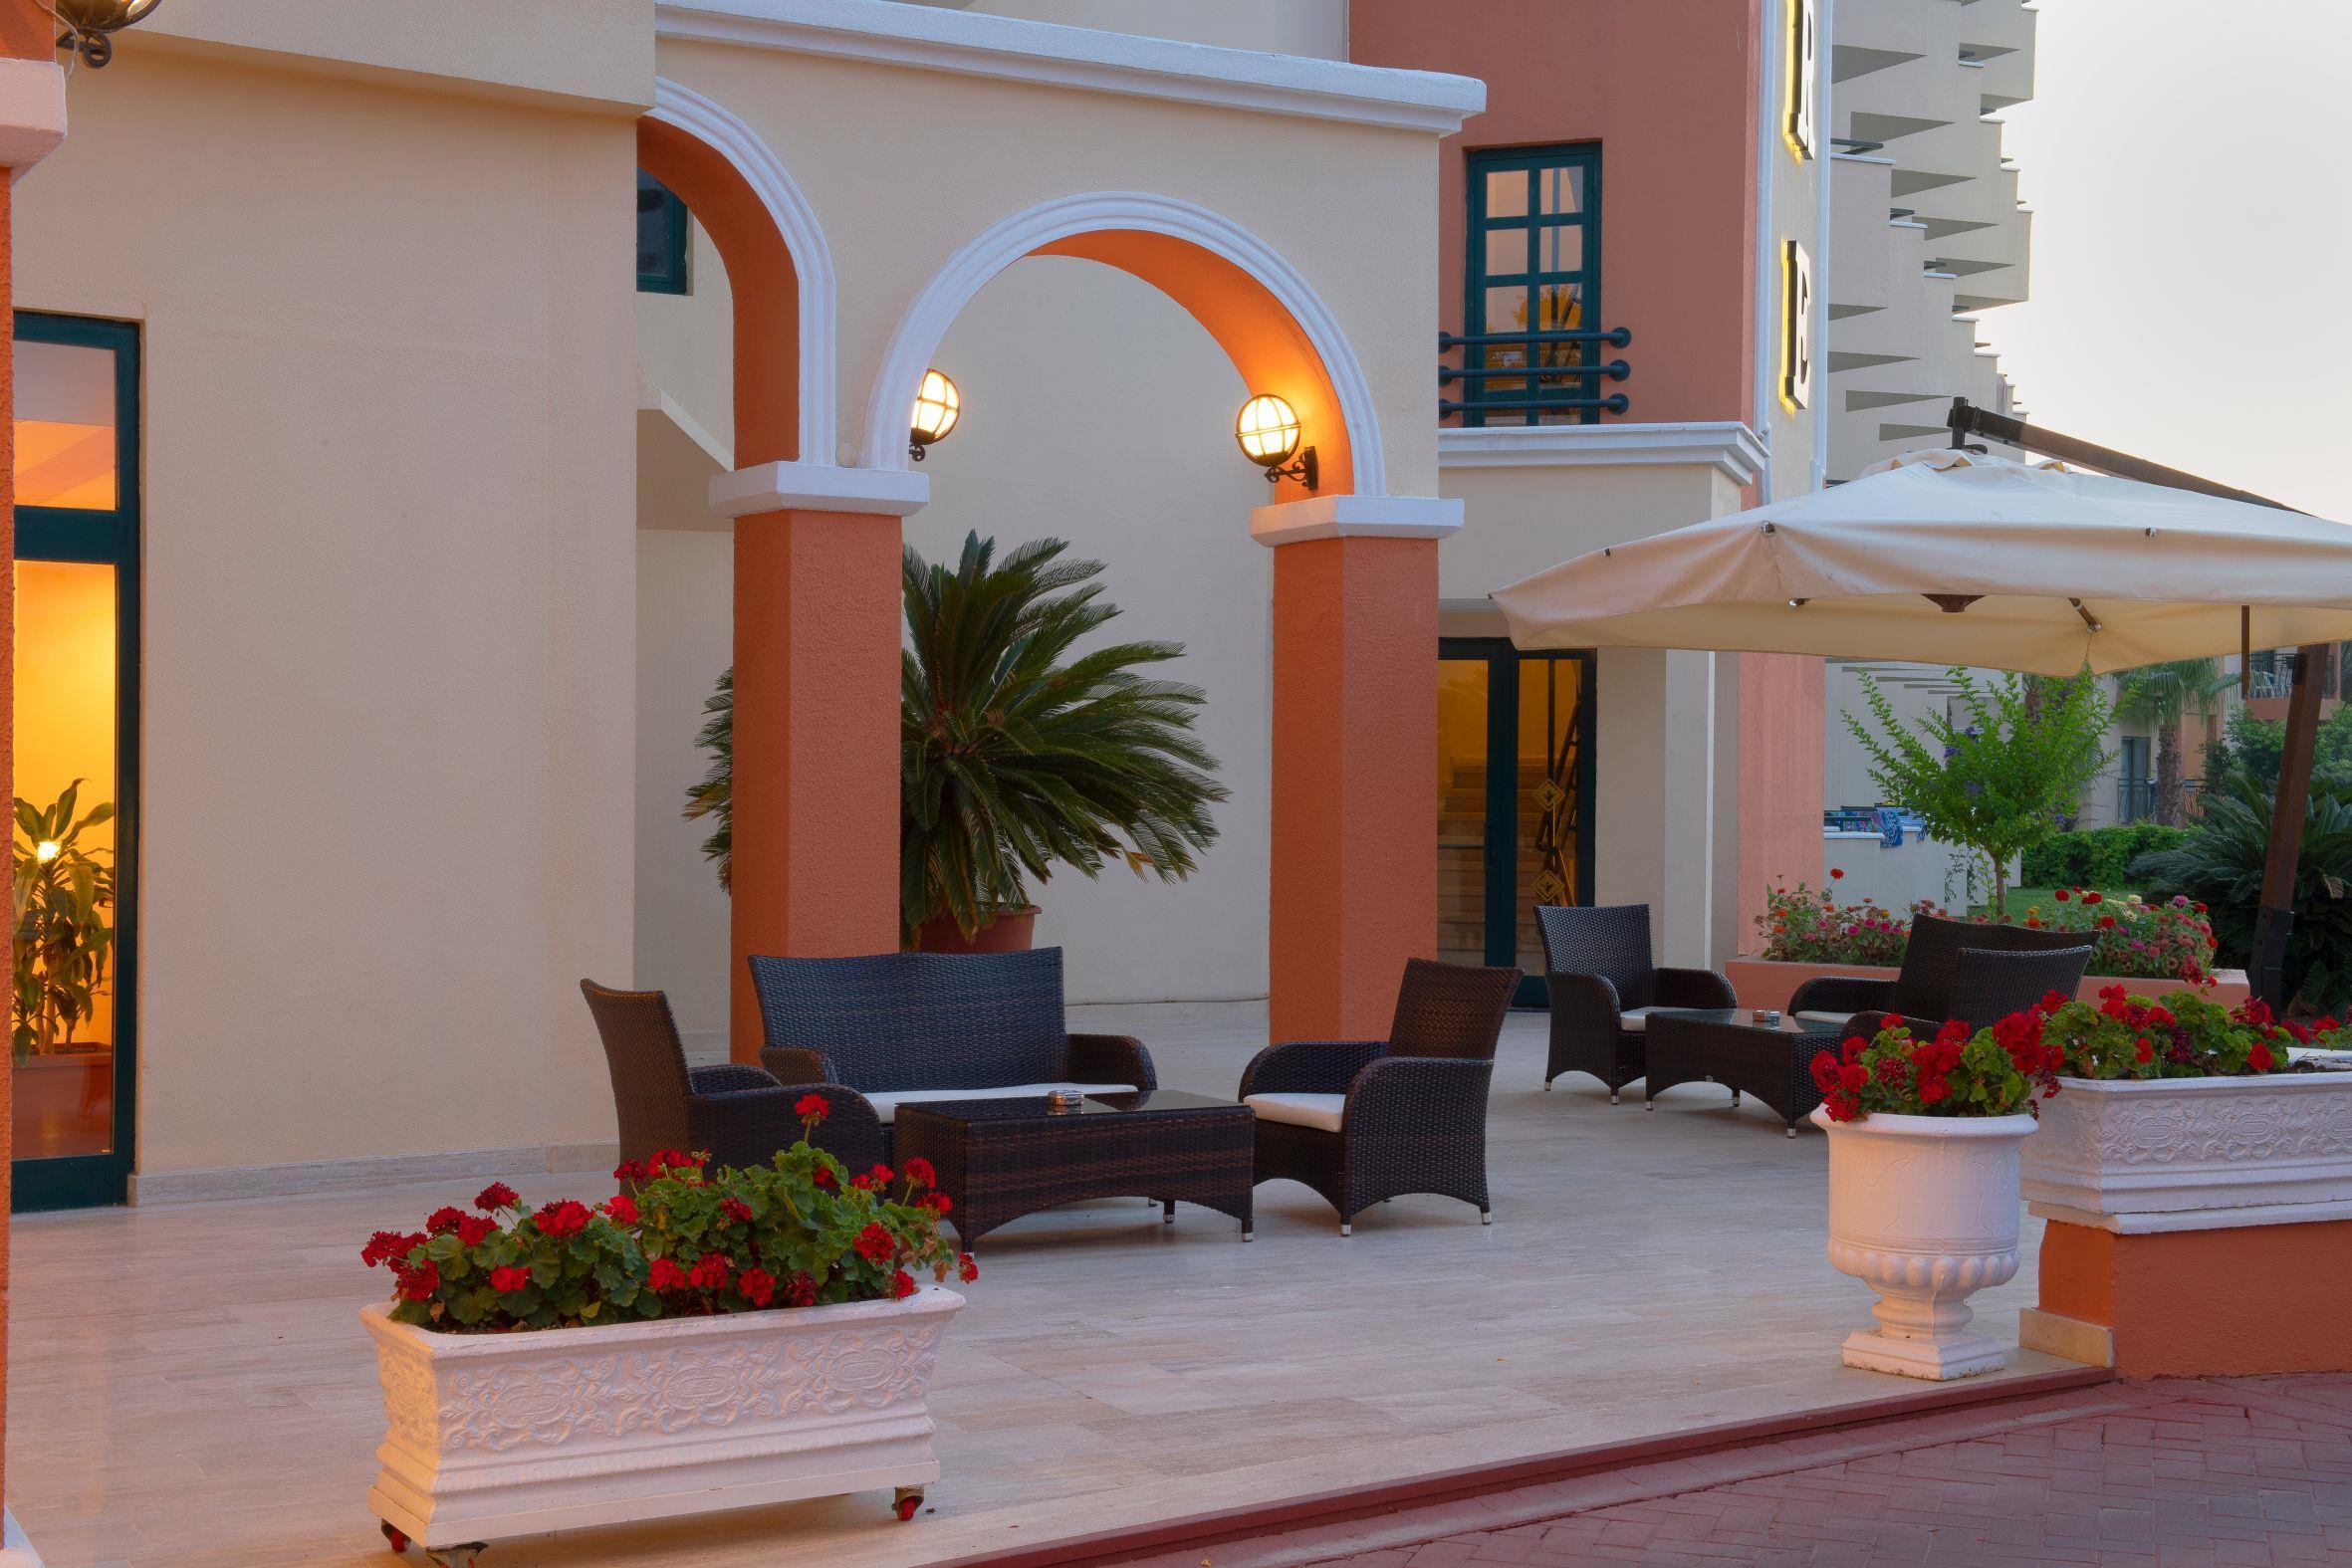 http://www.orextravel.sk/OREX/hotelphotos/miramare-queen-hotel-general-0047.jpg